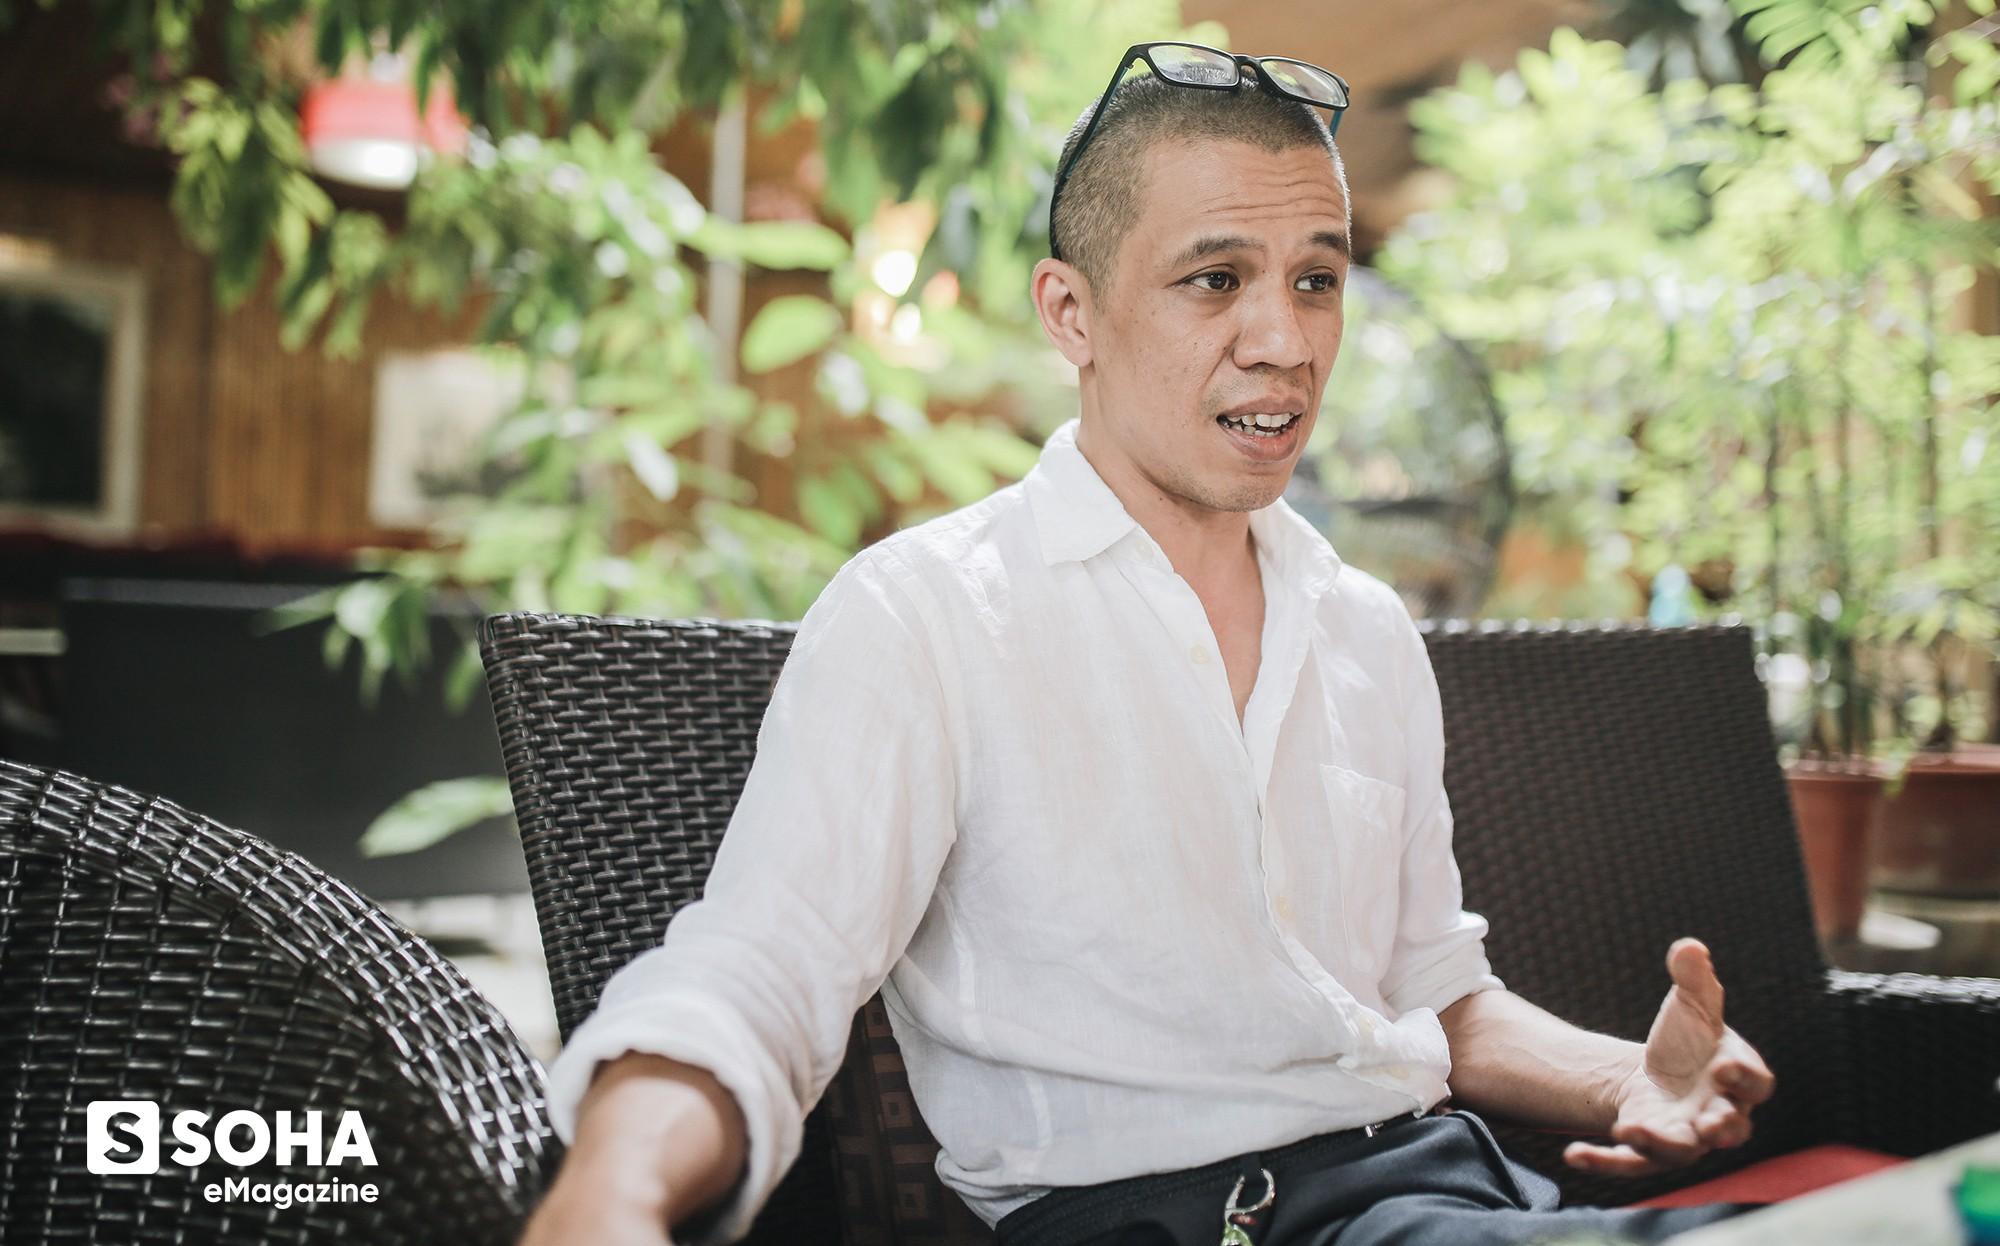 Con trai GS Hồ Ngọc Đại: 'Tôi đã cười không khép được mồm khi ba tôi bị vu là tình báo Trung Quốc' 8